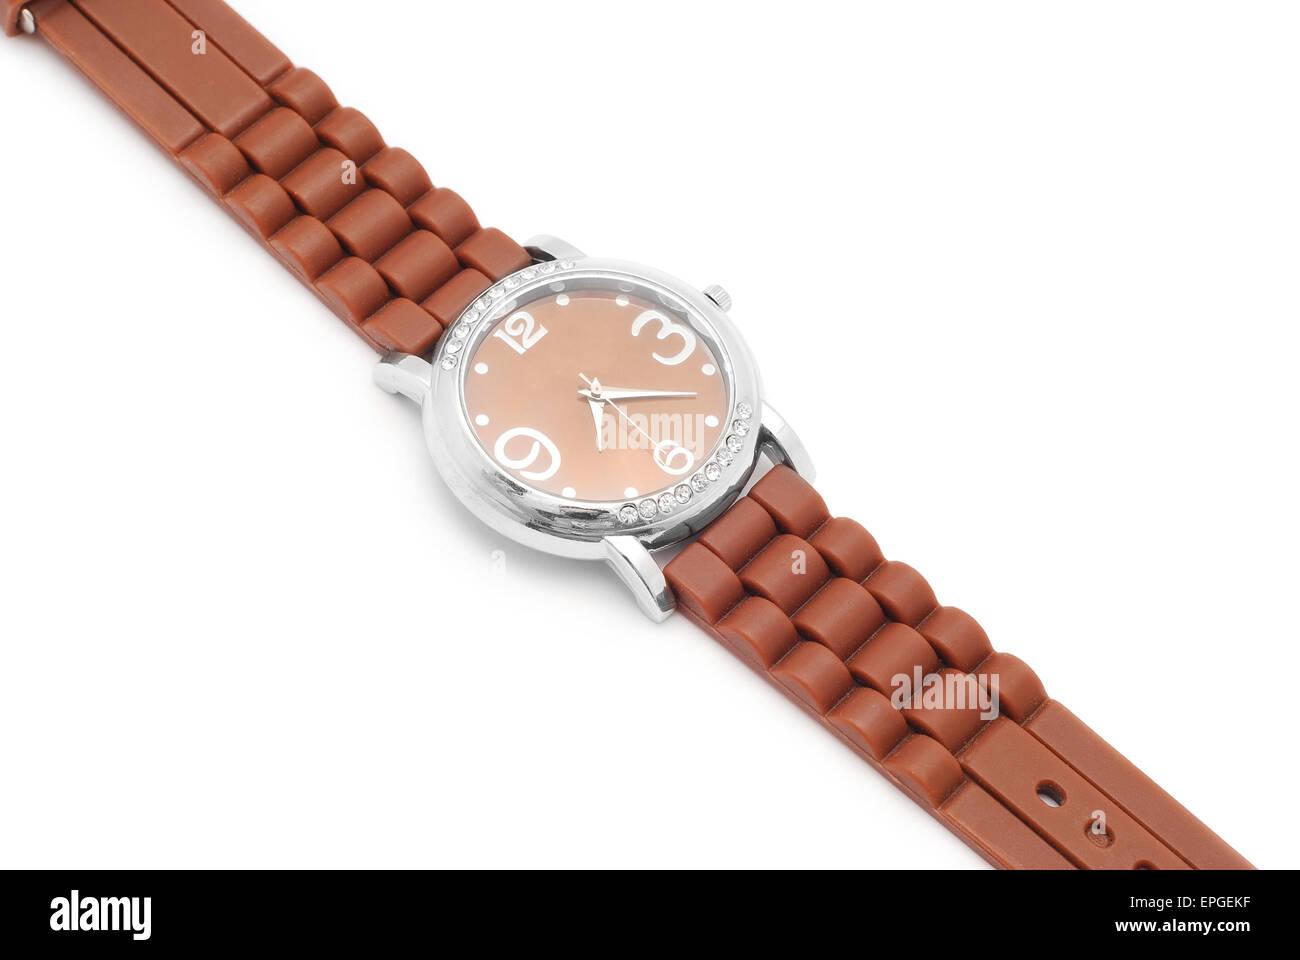 wrist watch closeup on white - Stock Image